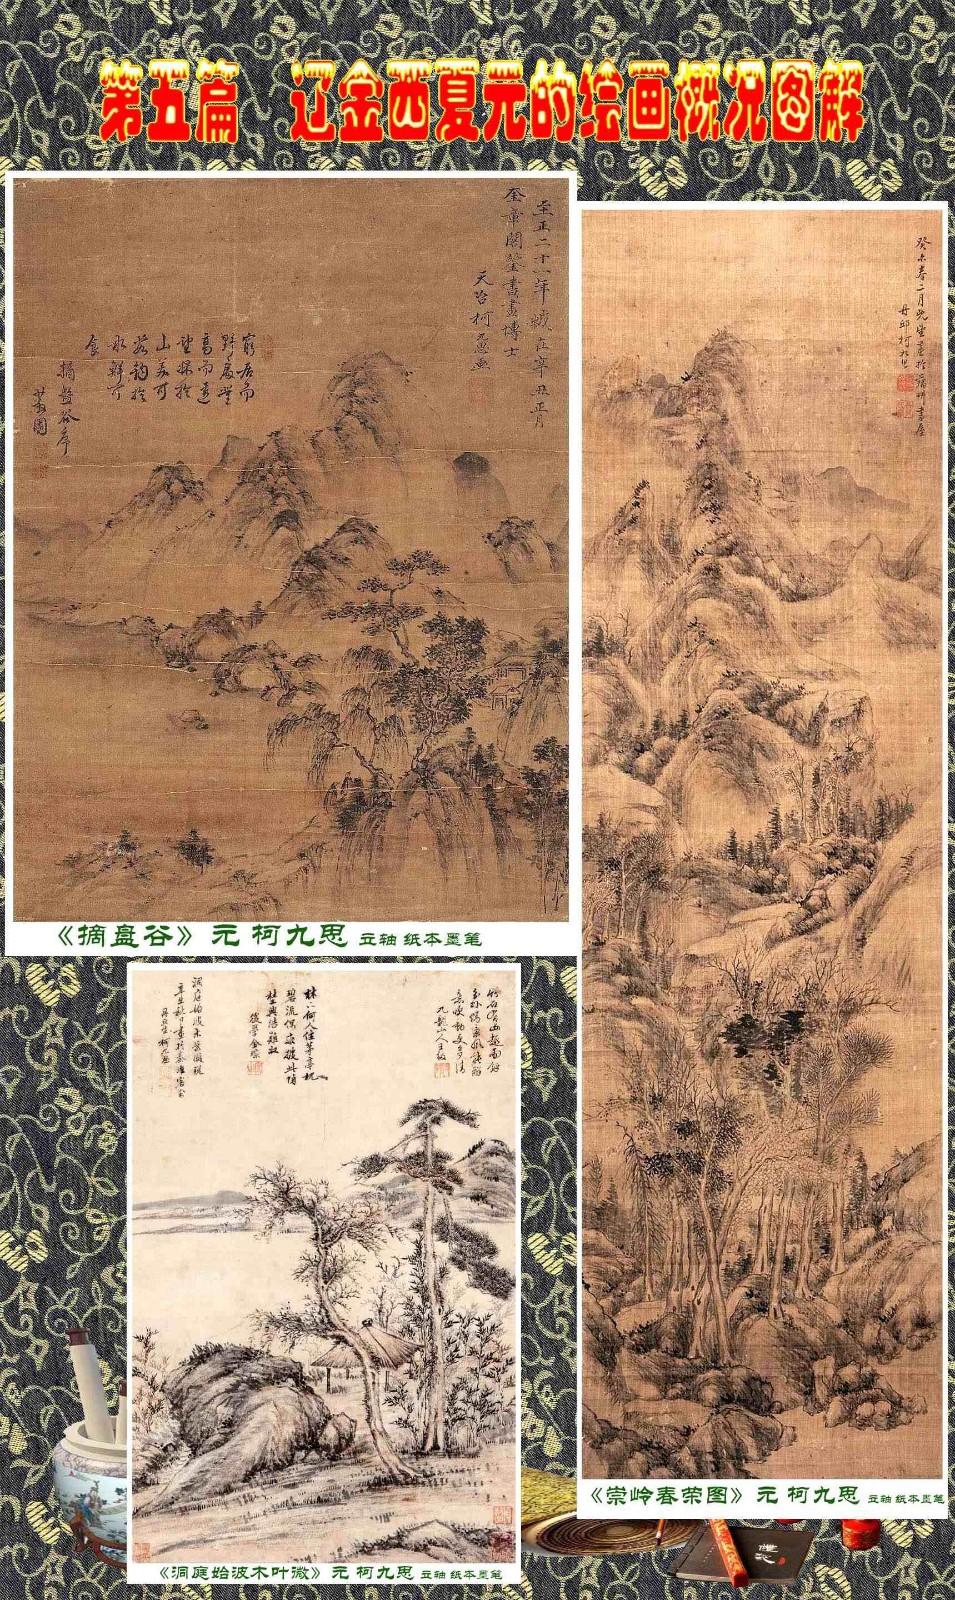 素有诗、书、画三绝之称的柯久思_图1-7